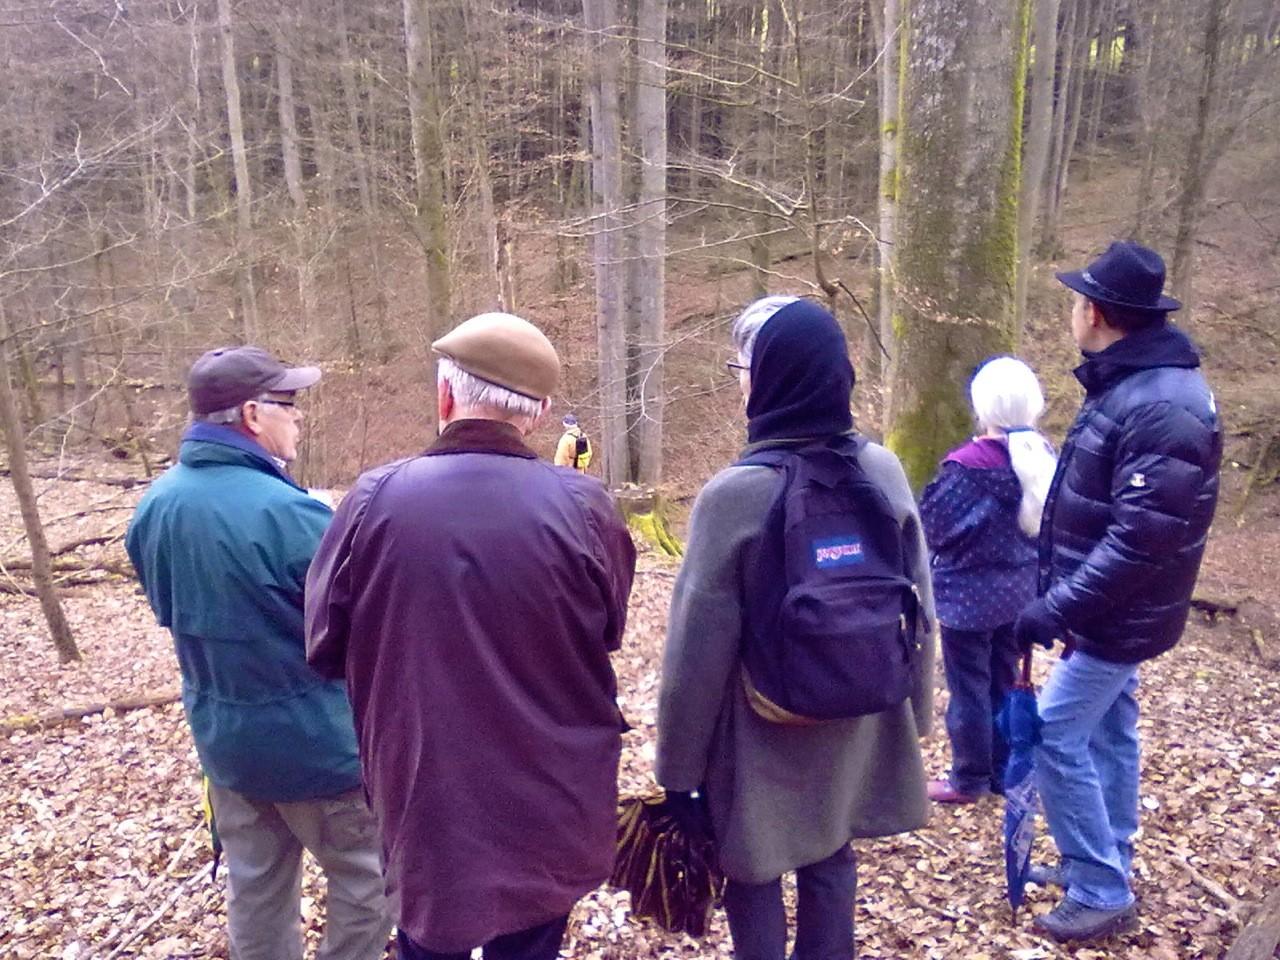 """Zum Abschluss präsentierte Volker Vömel noch die einmalige """"Vierlingsbuche"""", die von ihm in einem Tal nahe Drommershausen entdeckt wurde."""